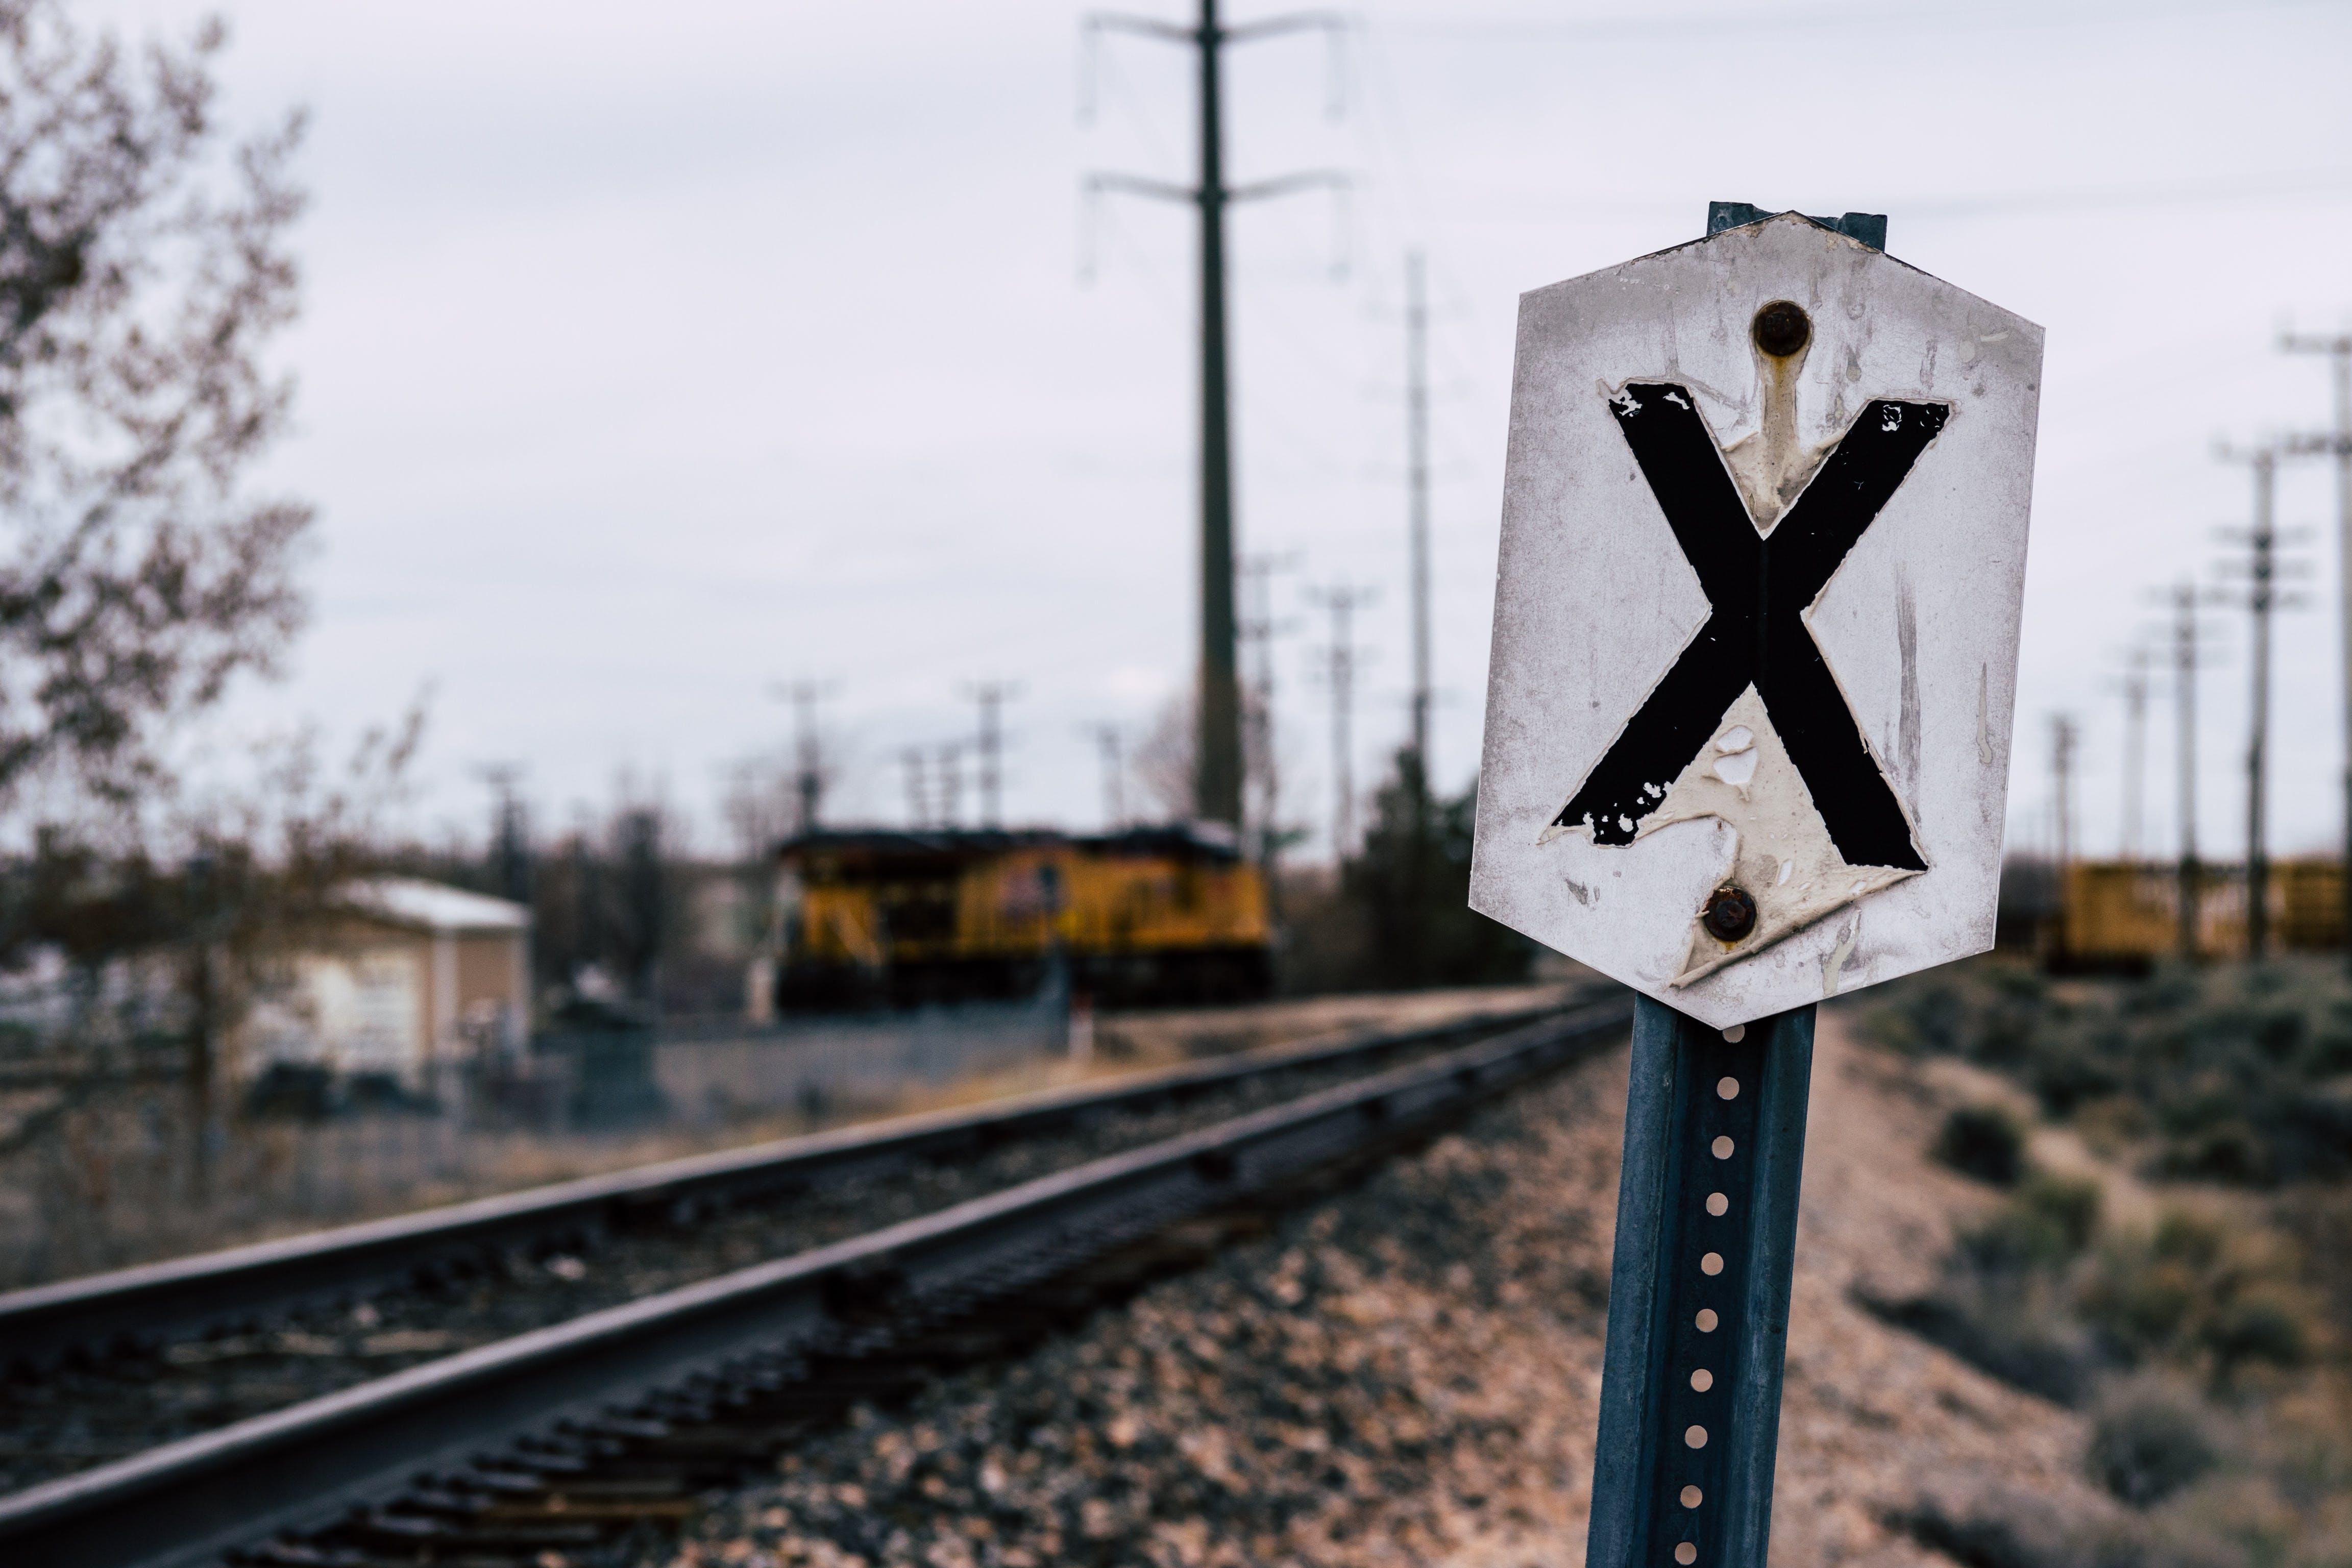 Ilmainen kuvapankkikuva tunnisteilla junanrata, opasteet, rautatie, rautatiekiskot